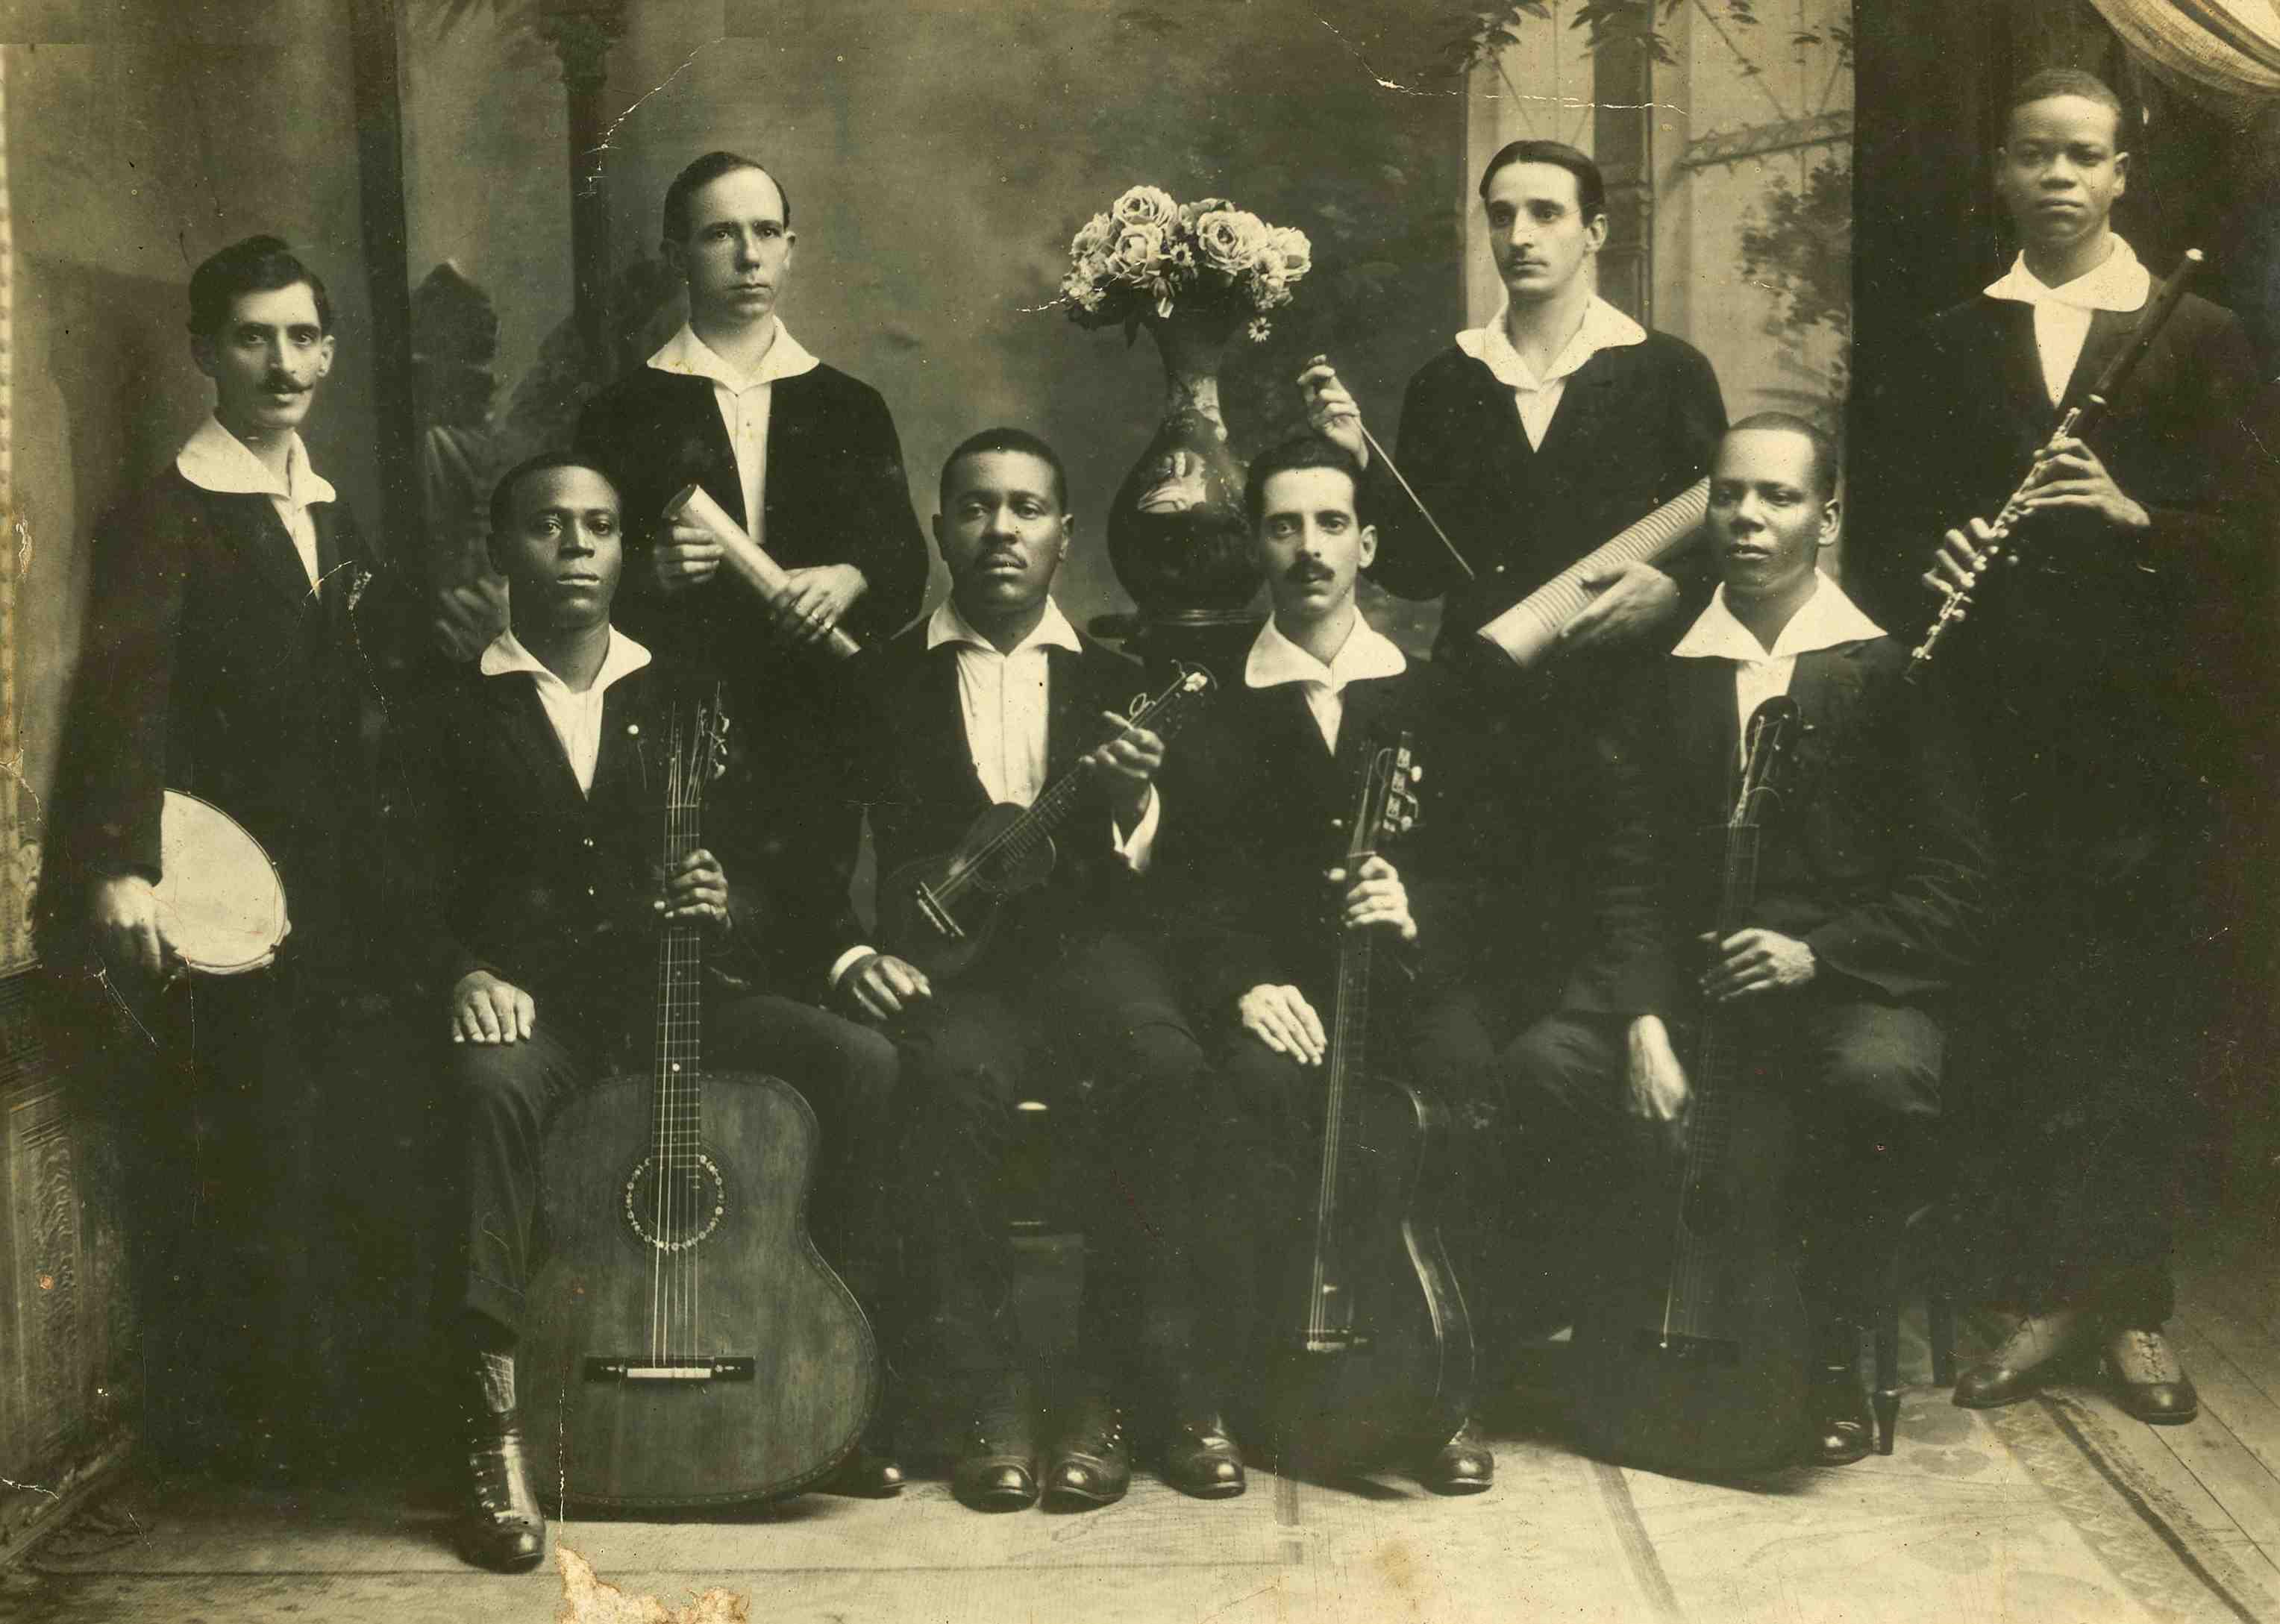 Os Oito Batutas: Jacob Palmieri (pandeiro), Donga (violão), José Alves (ganzá), Nelson Alves (cavaquinho), Raul Palmieri (violão), Luiz de Oliveira (reco-reco), China (violão) e Pixinguinha (flauta). 1919 (IMS_JRT_pixinguinha001 / Acervo Tinhorão / IMS)